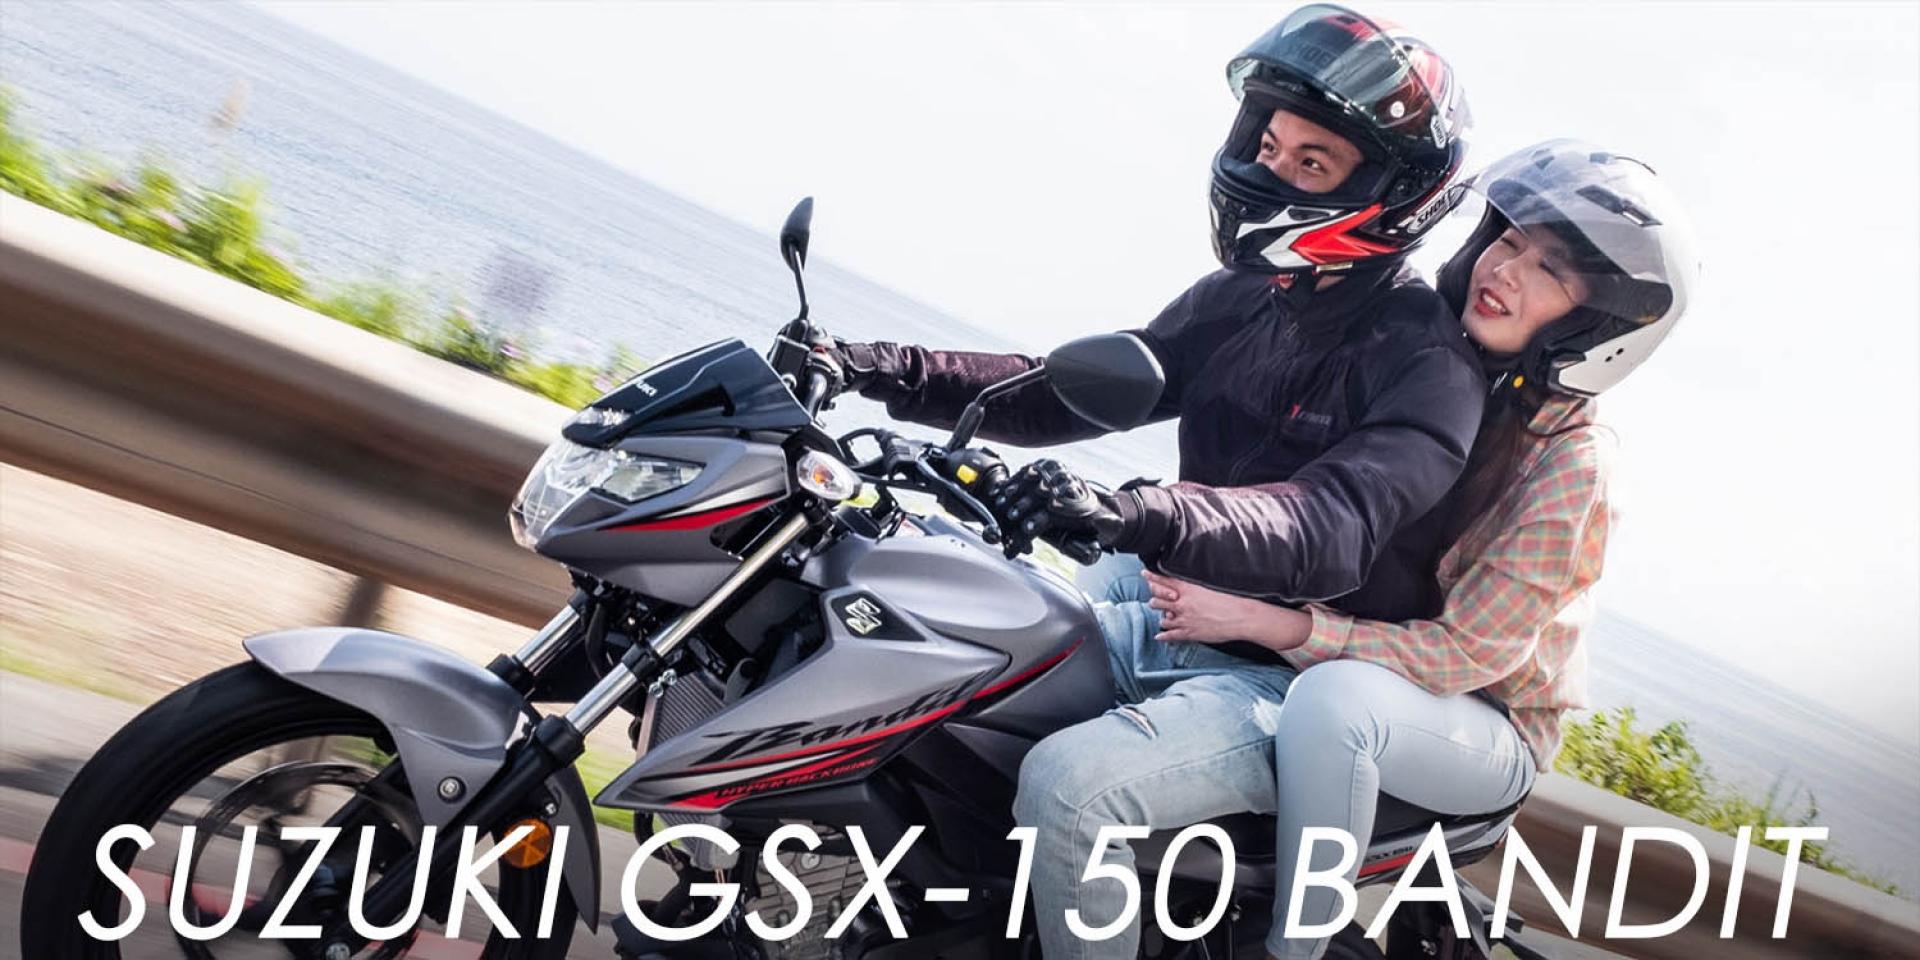 五星後座輕檔車。SUZUKI GSX-150 BANDIT